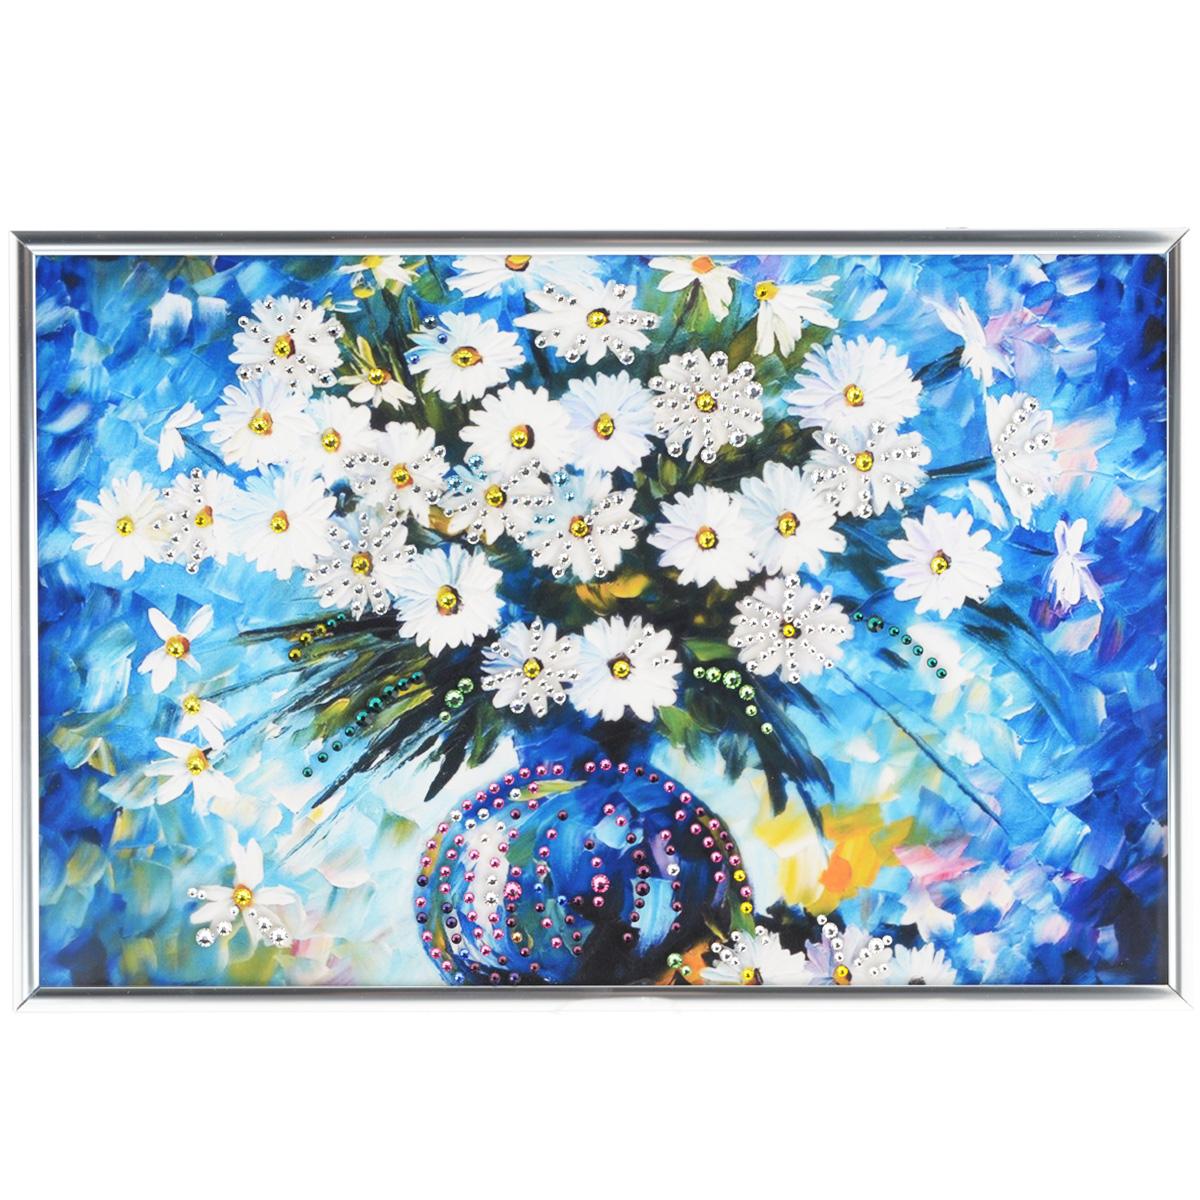 Картина с кристаллами Swarovski Ромашки, 31 х 21 см1267Изящная картина в металлической раме, инкрустирована кристаллами Swarovski, которые отличаются четкой и ровной огранкой, ярким блеском и чистотой цвета. Красочное изображение букета ромашек в вазе, расположенное под стеклом, прекрасно дополняет блеск кристаллов. С обратной стороны имеется металлическая петелька для размещения картины на стене. Картина с кристаллами Swarovski Ромашки элегантно украсит интерьер дома или офиса, а также станет прекрасным подарком, который обязательно понравится получателю. Блеск кристаллов в интерьере, что может быть сказочнее и удивительнее. Картина упакована в подарочную картонную коробку синего цвета и комплектуется сертификатом соответствия Swarovski.